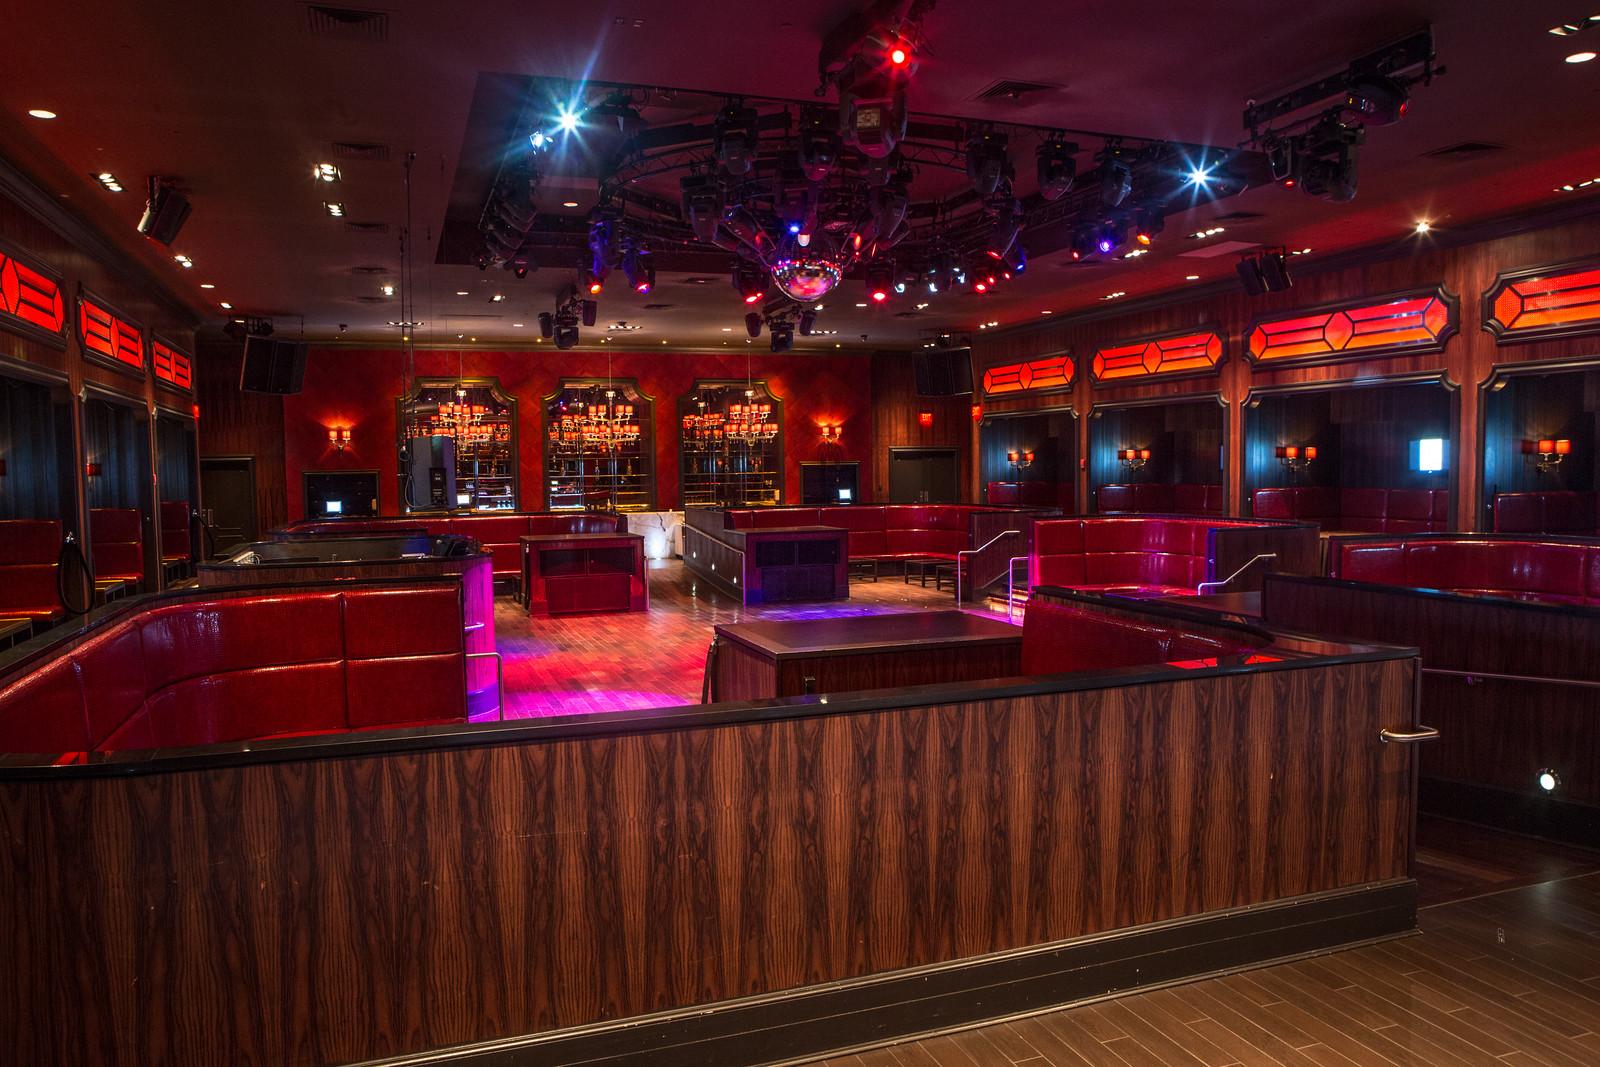 Nightclub ameristar casino casino reno